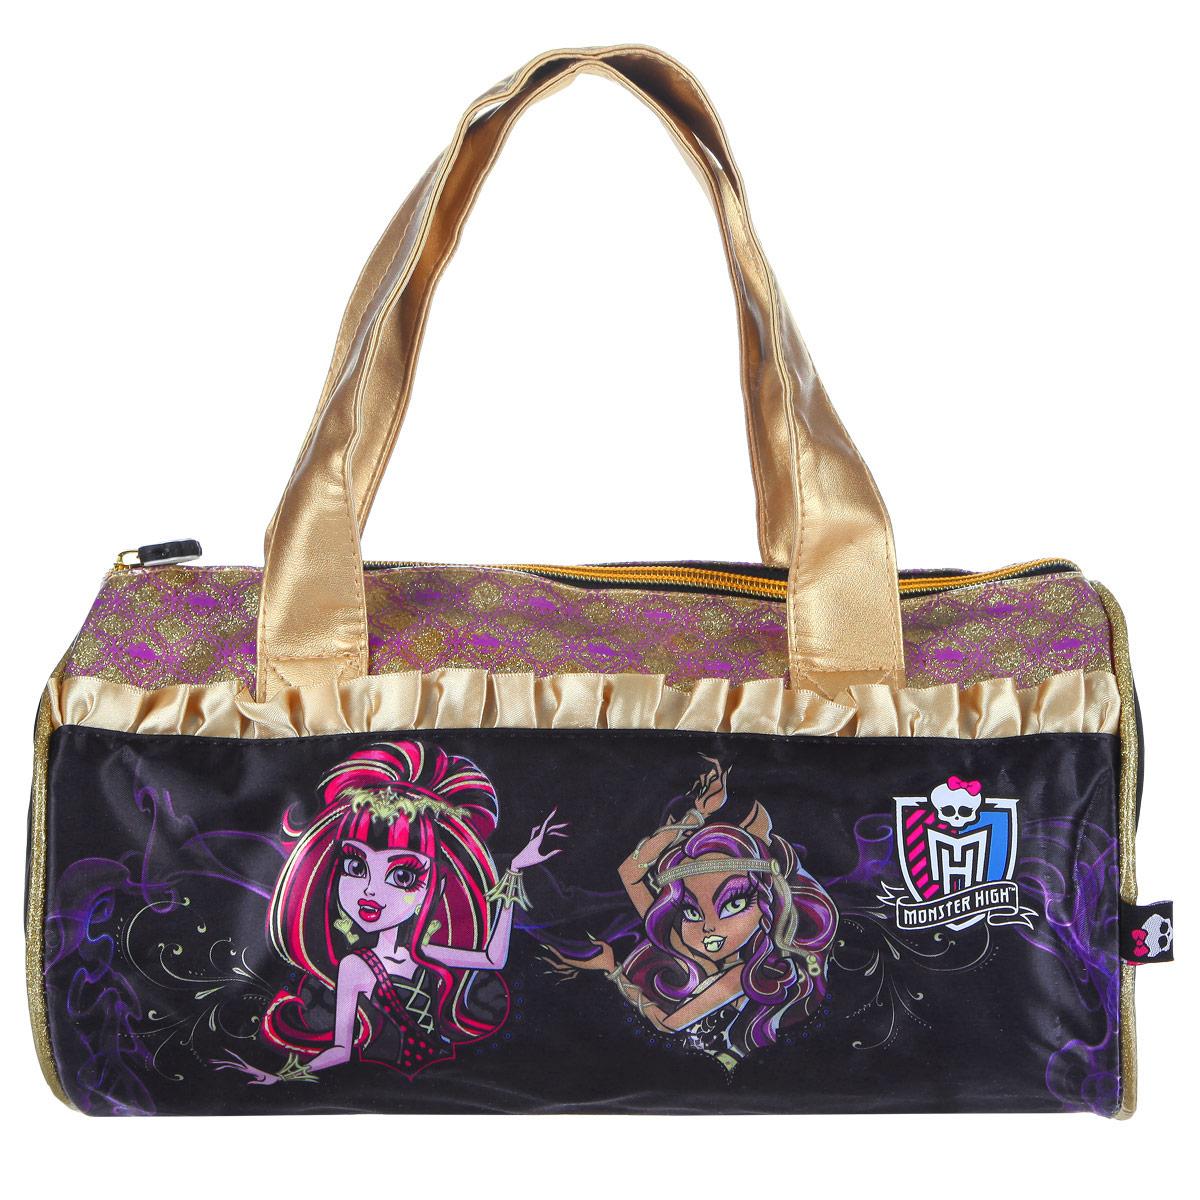 Сумочка детская Monster High. 8531472523WDСтильная детская сумочка Monster High, оформленная изображением героинь известного мультсериала Школа Монстров, несомненно, понравится вашей малышке.Сумочка имеет одно отделение, закрывающееся на застежку-молнию, куда можно положить все необходимые принадлежности и аксессуары, и две небольшие ручки золотистого цвета, выполненные из искусственной кожи. Внутри сумки расположен накладной карман для мобильного телефона. Сумочка декорирована атласными золотыми рюшами, а также вставкой из ПВХ, украшенной узорами с блестками. Бегунок молнии декорирован резиновым элементом в виде черепа. Высота ручек 18 см.Каждая поклонница Школы Монстров будет в восторге от такого аксессуара!